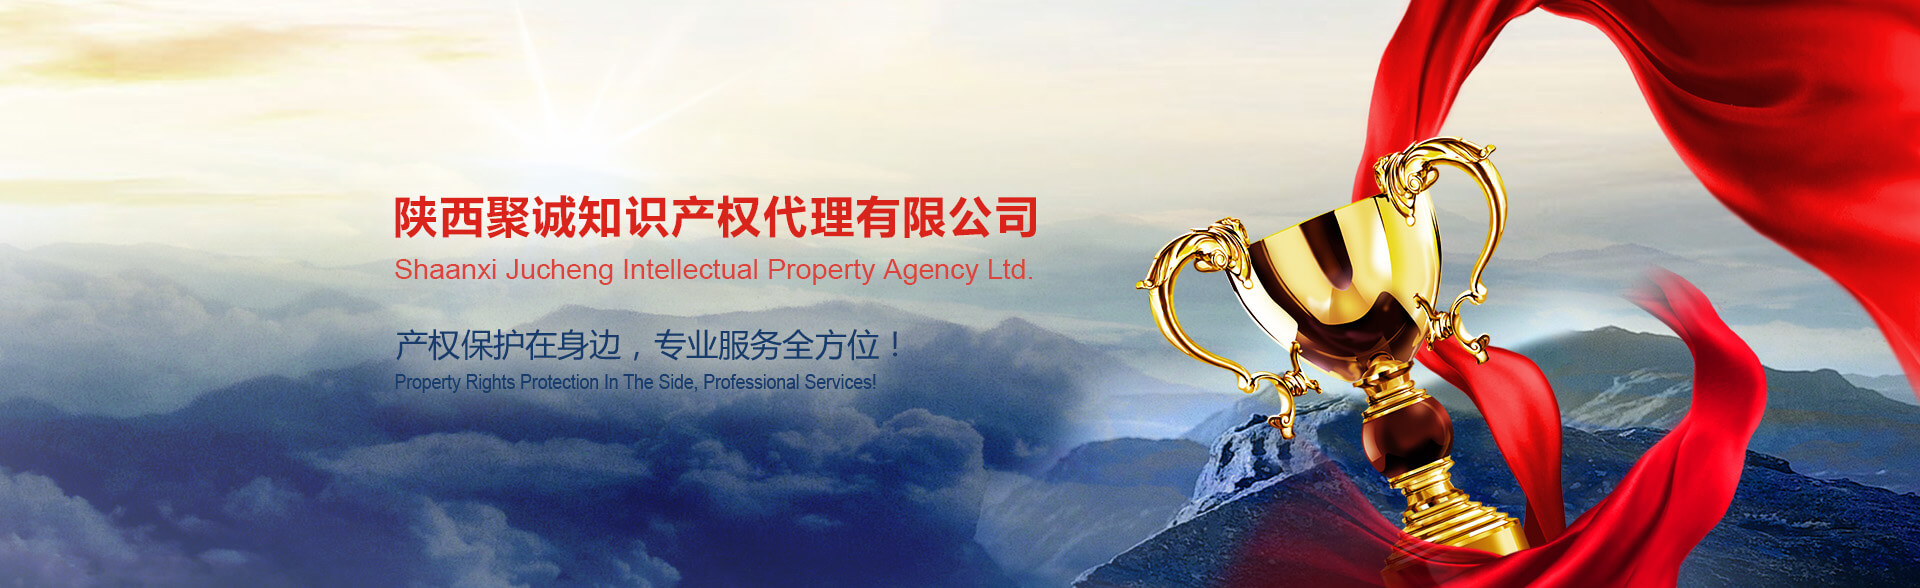 西安商标注册,西安专利申请_在线留言_第一张图片